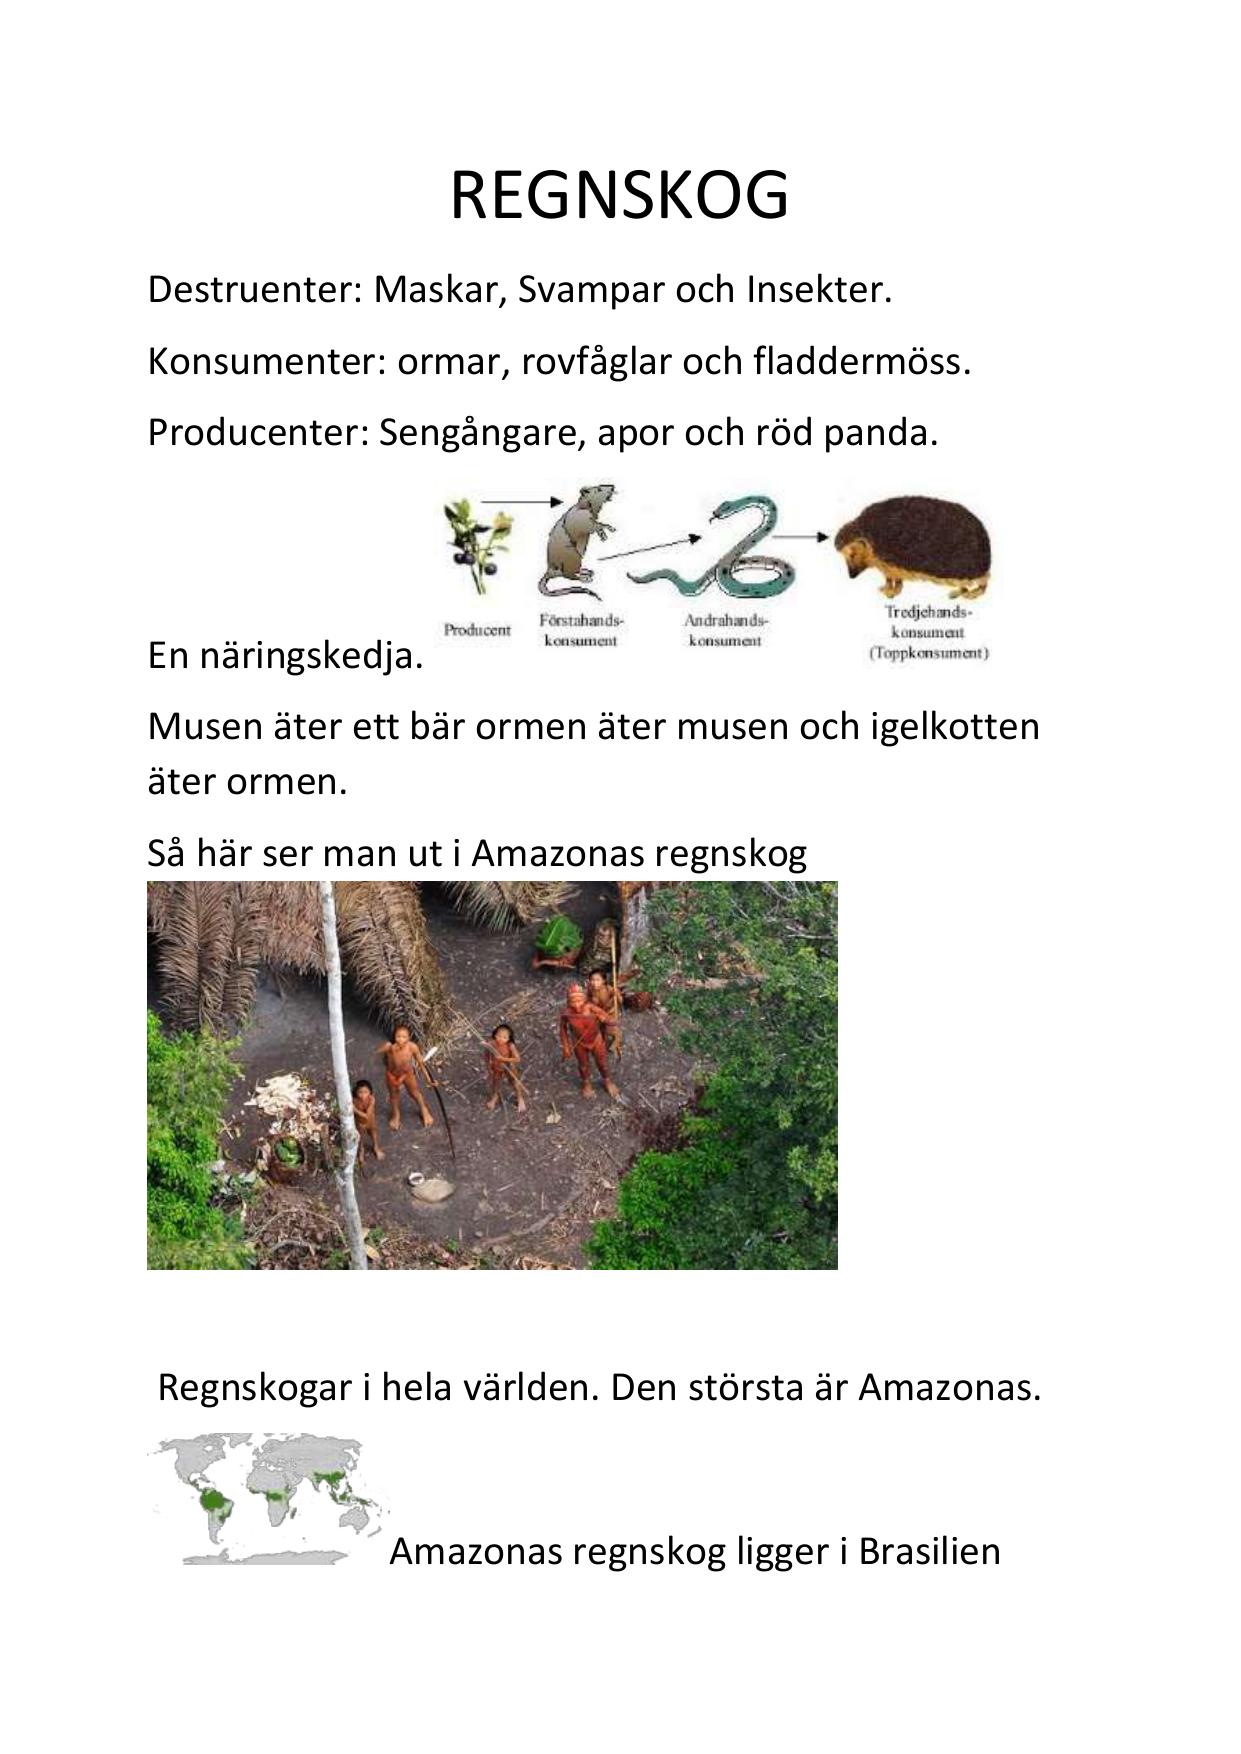 näringskedja i regnskogen